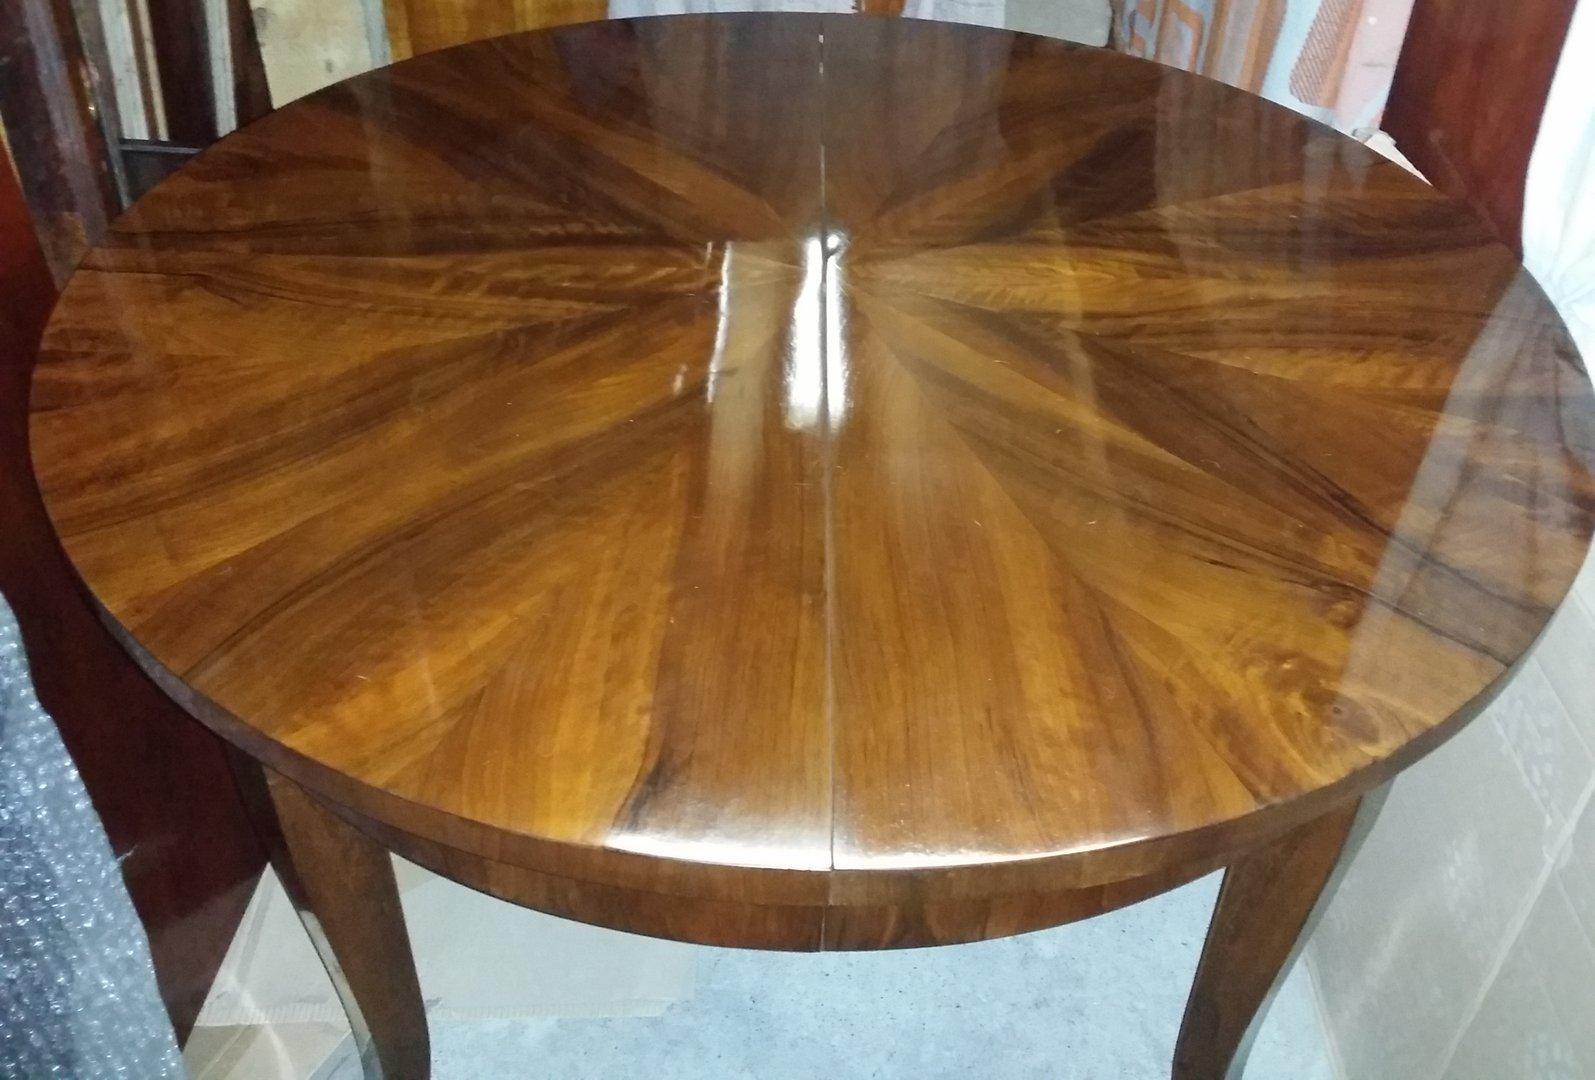 Runder nussbaum tisch biedermeier art mit 2 ausziehplatten for Nussbaum tisch